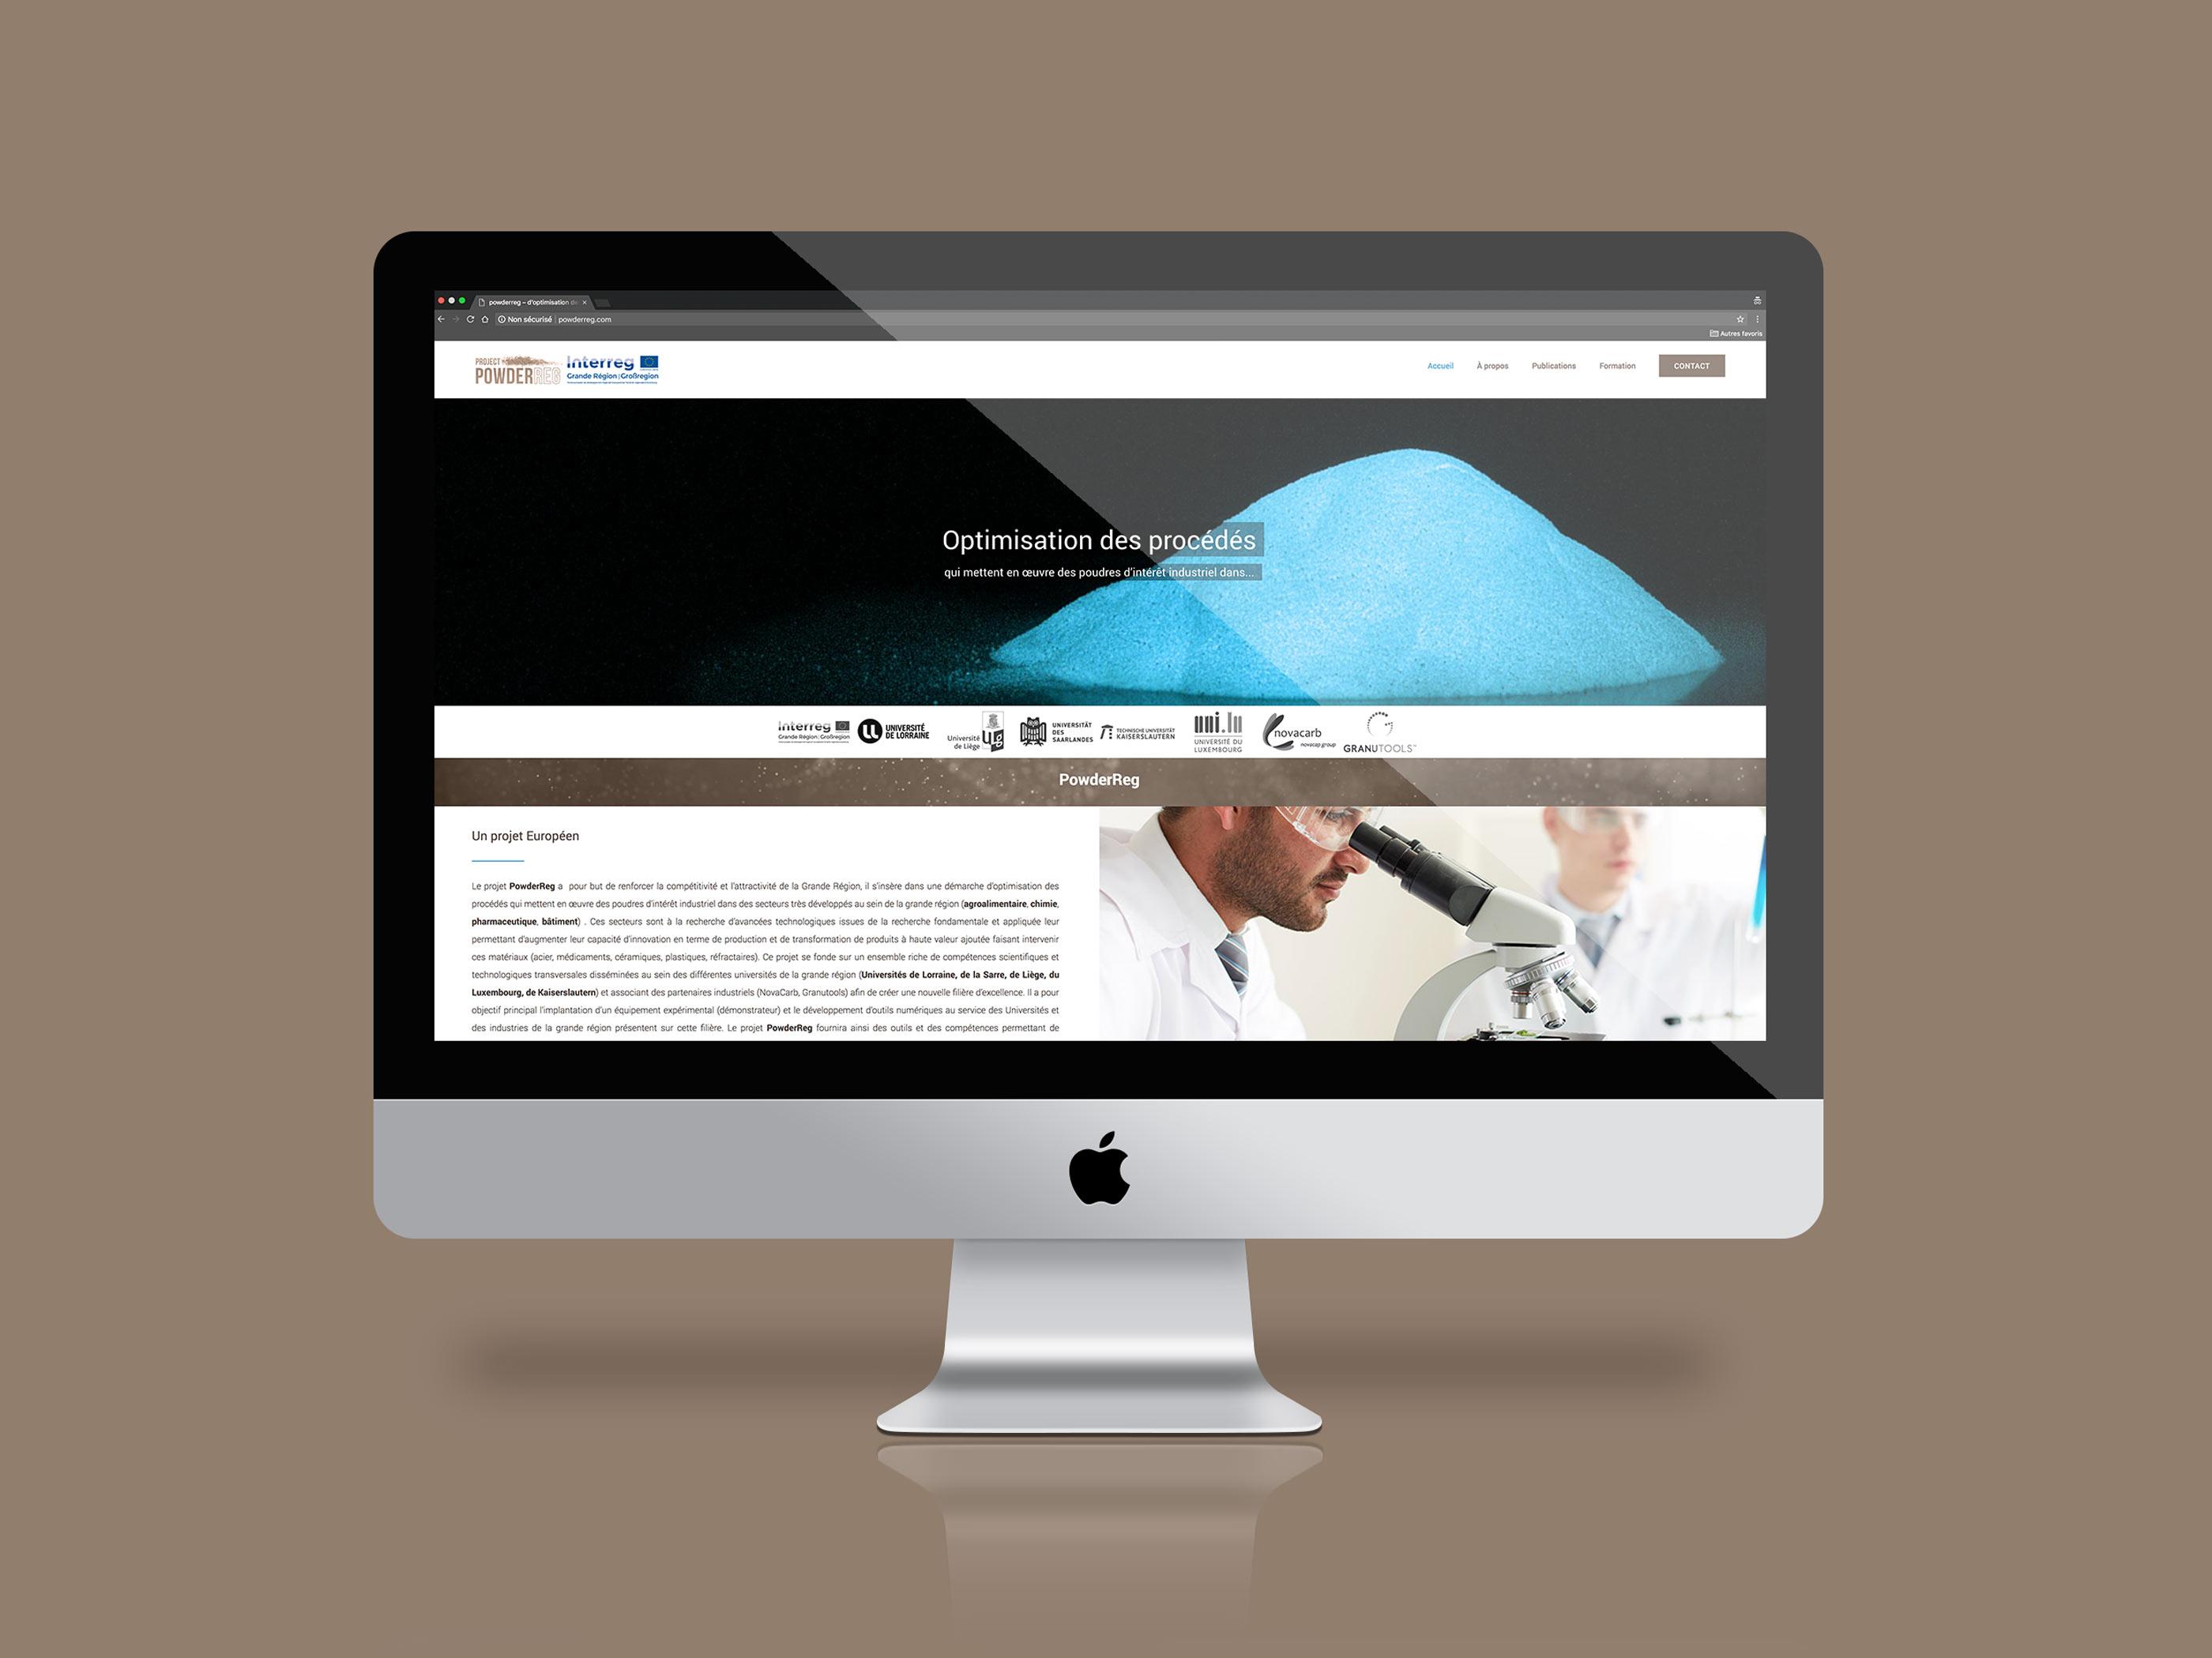 Image présentant un écran d'ordinateur dans lequel on peut voir la page d'accueil du site powderreg.fr